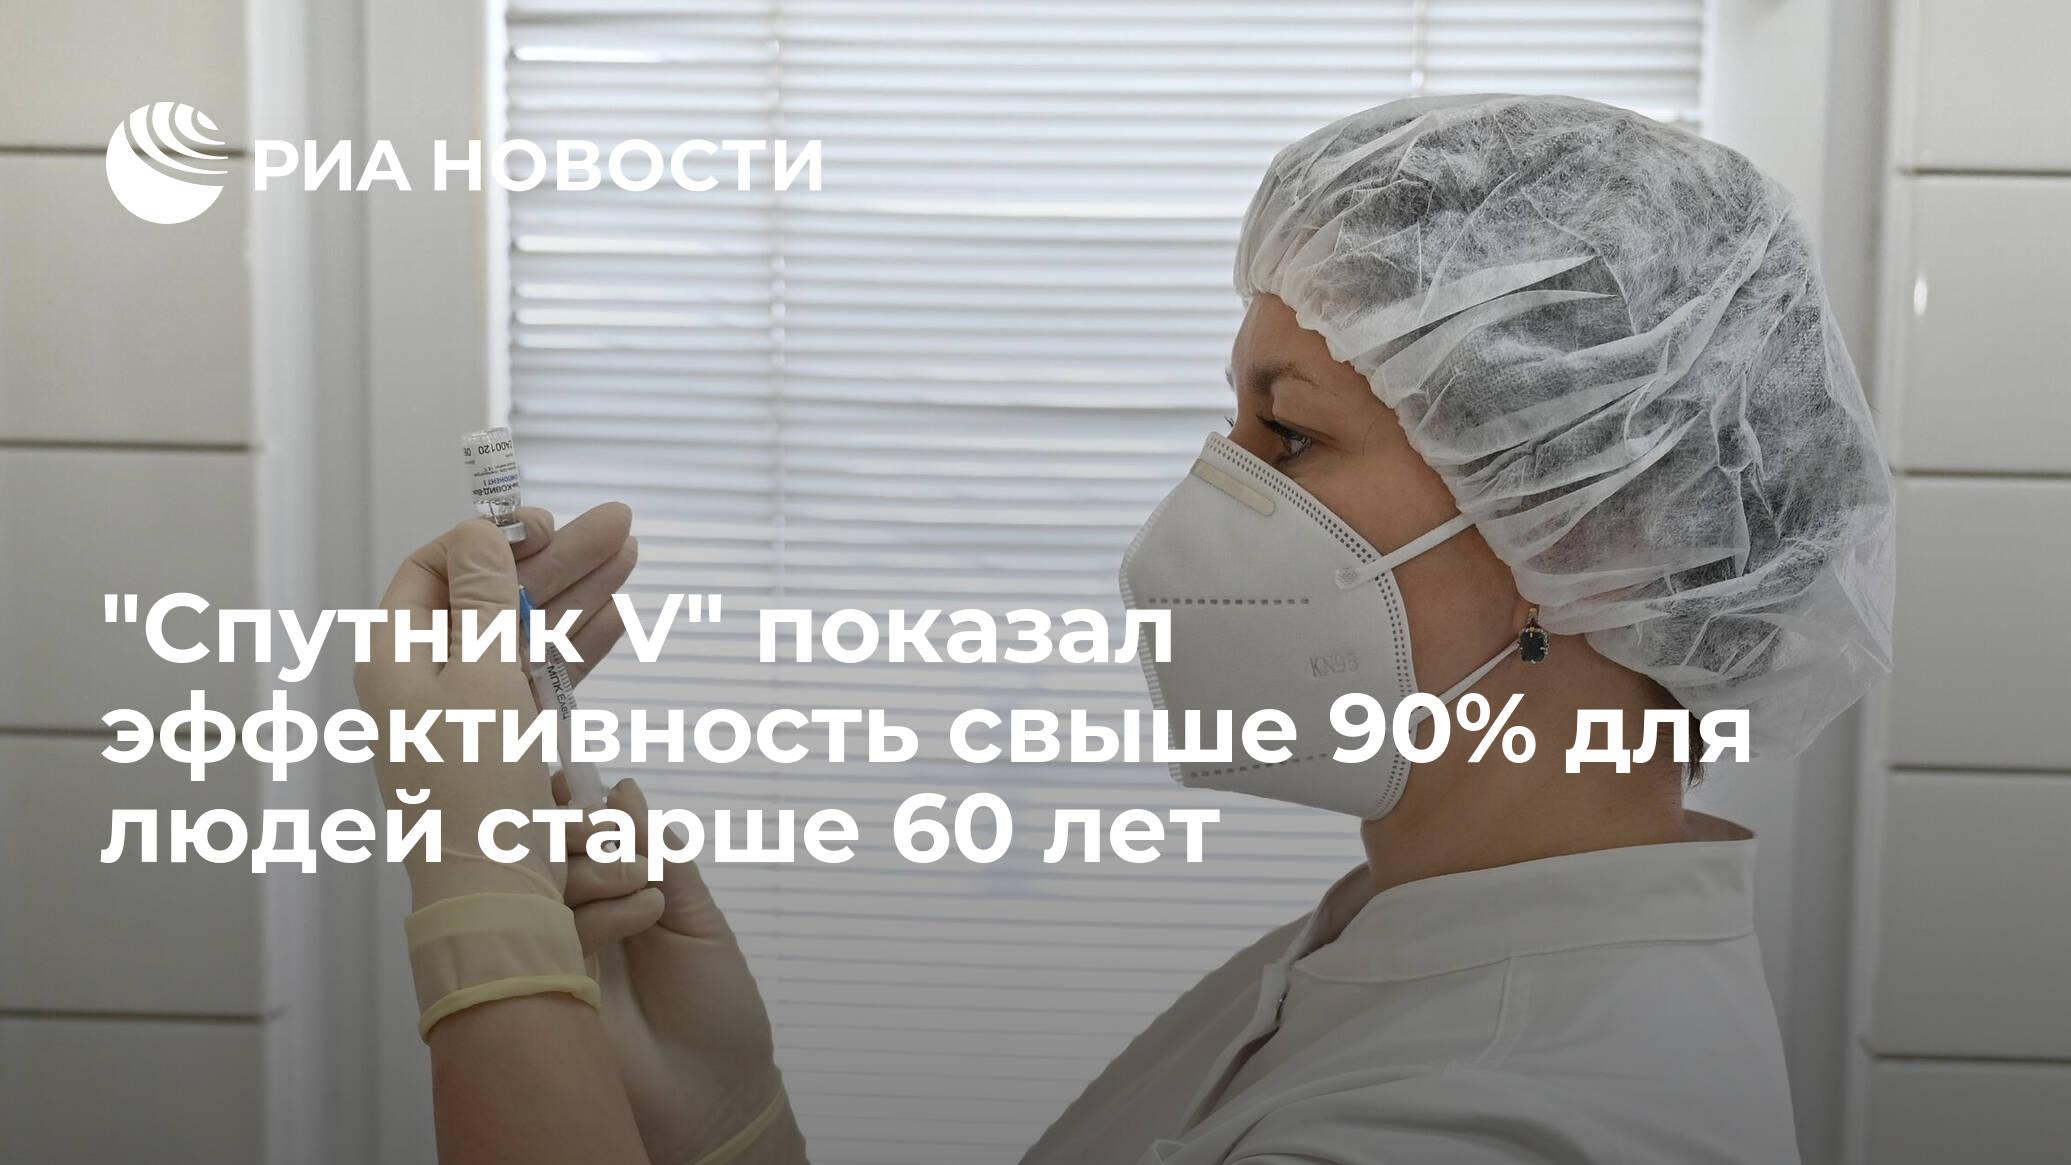 «Спутник V» показал эффективность более 90% для людей старше 60 лет